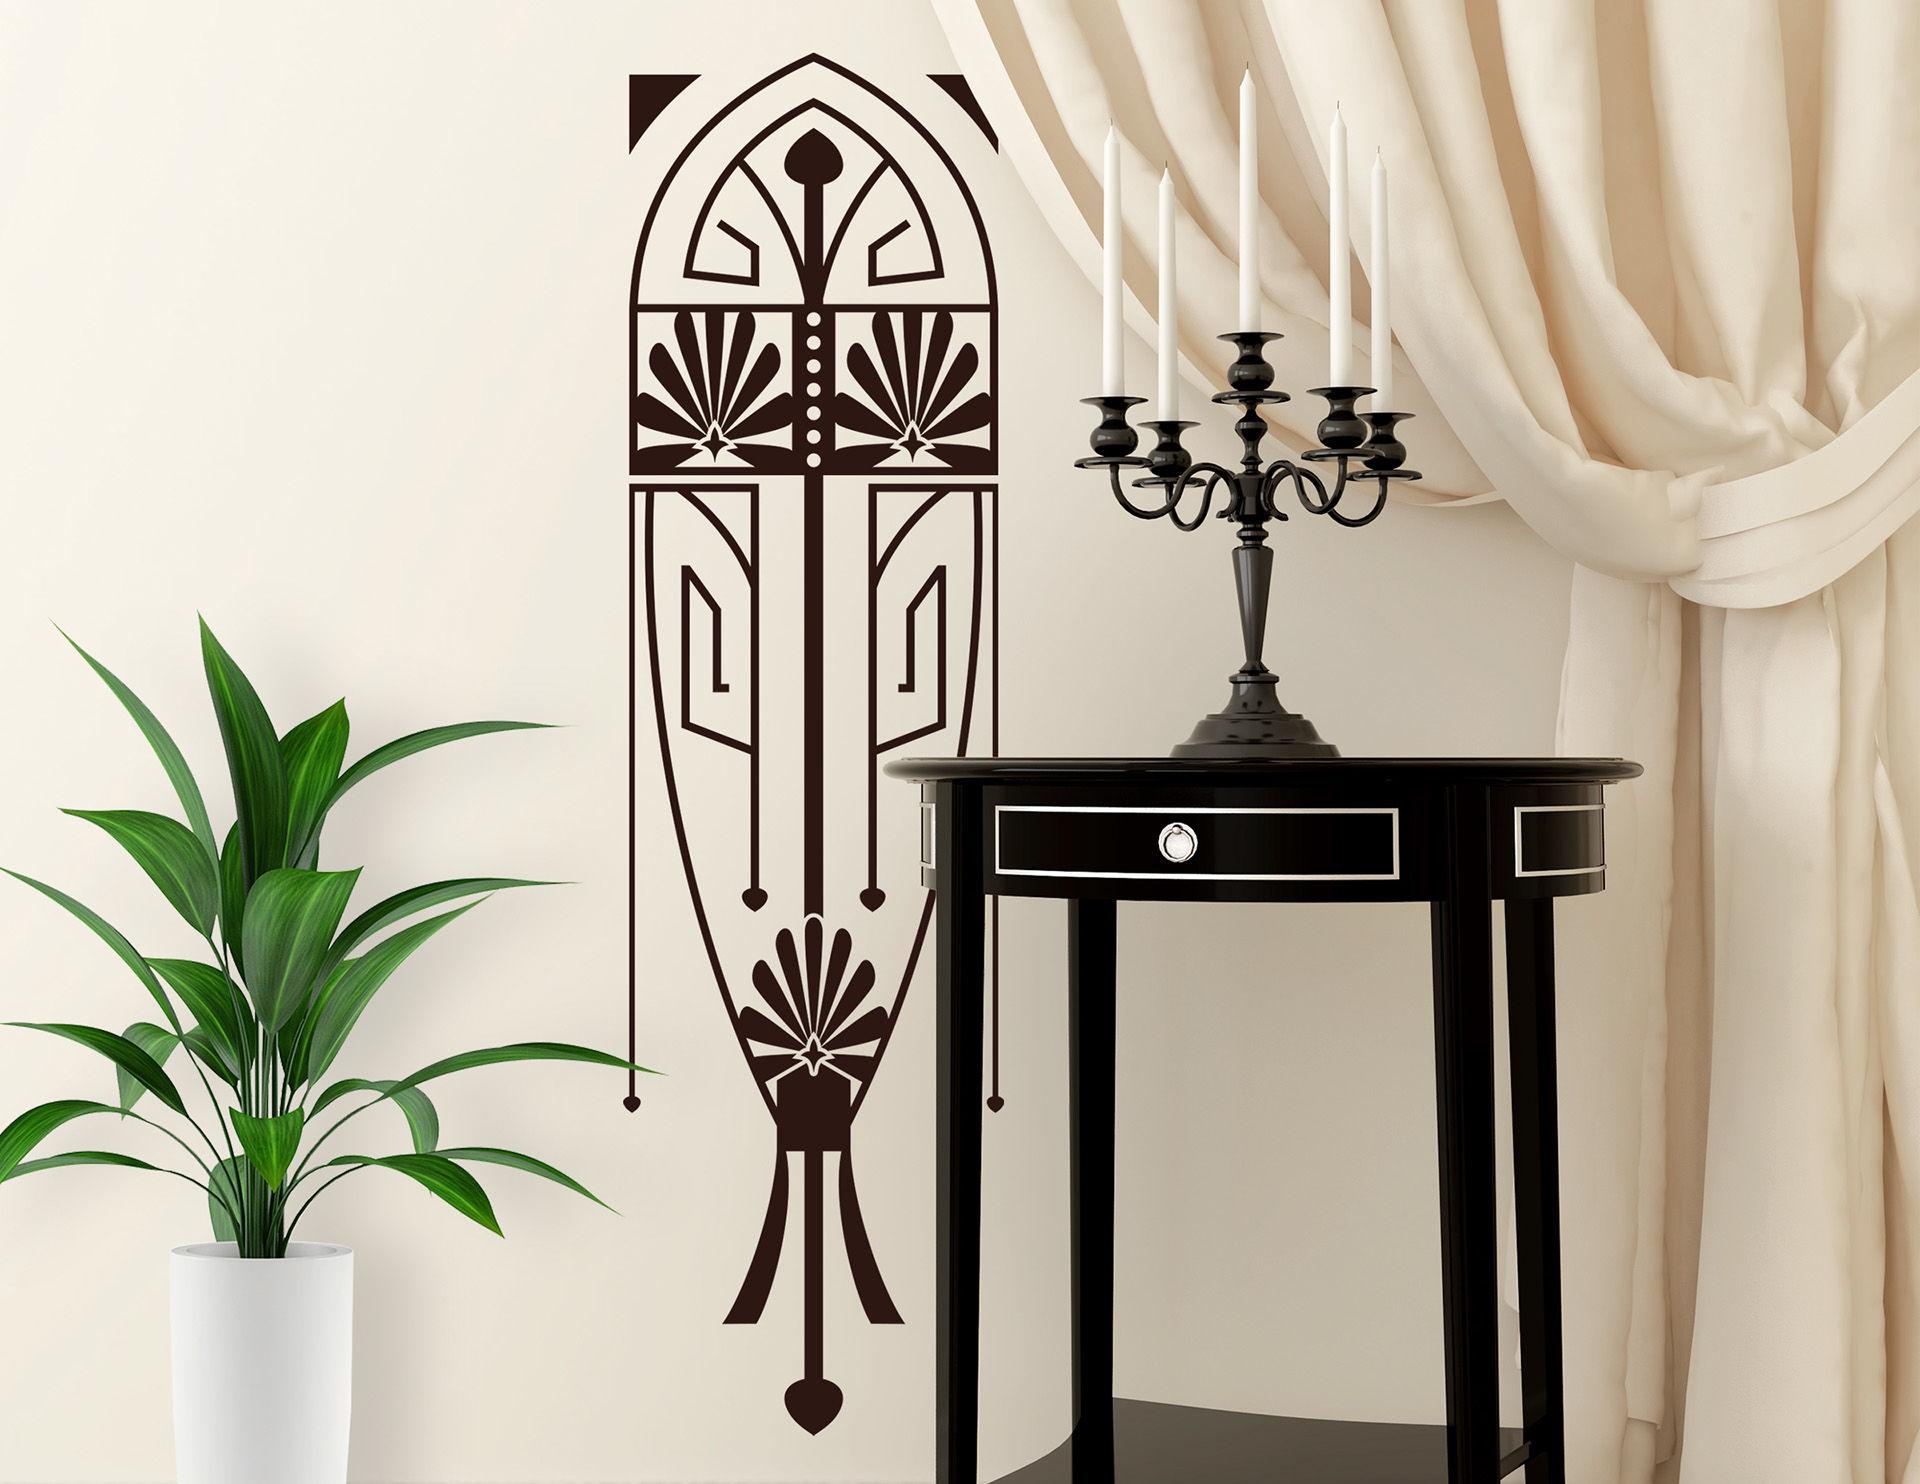 Wandtattoo Art Nouveau - Miroir im Jugendstil-Design